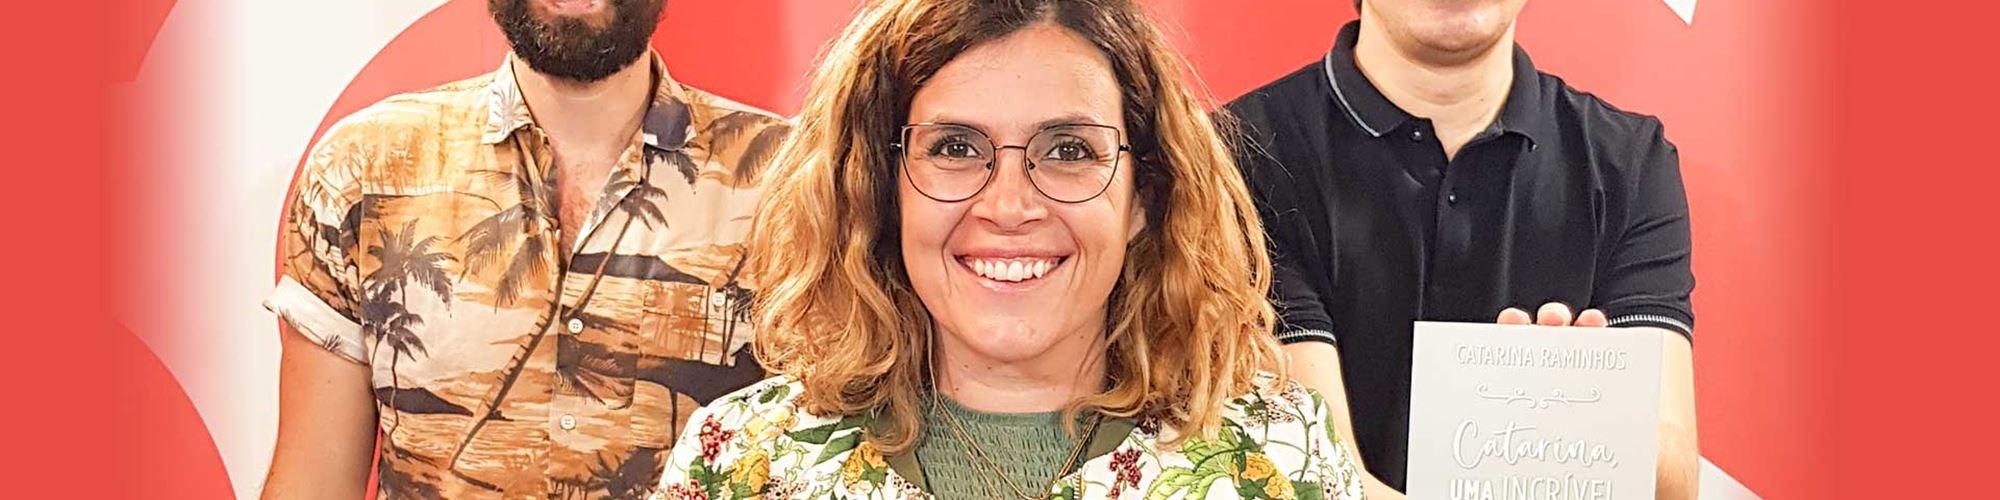 """""""O Raminhos nem nos sonhos me consegue trair""""- Catarina Raminhos à RFM"""